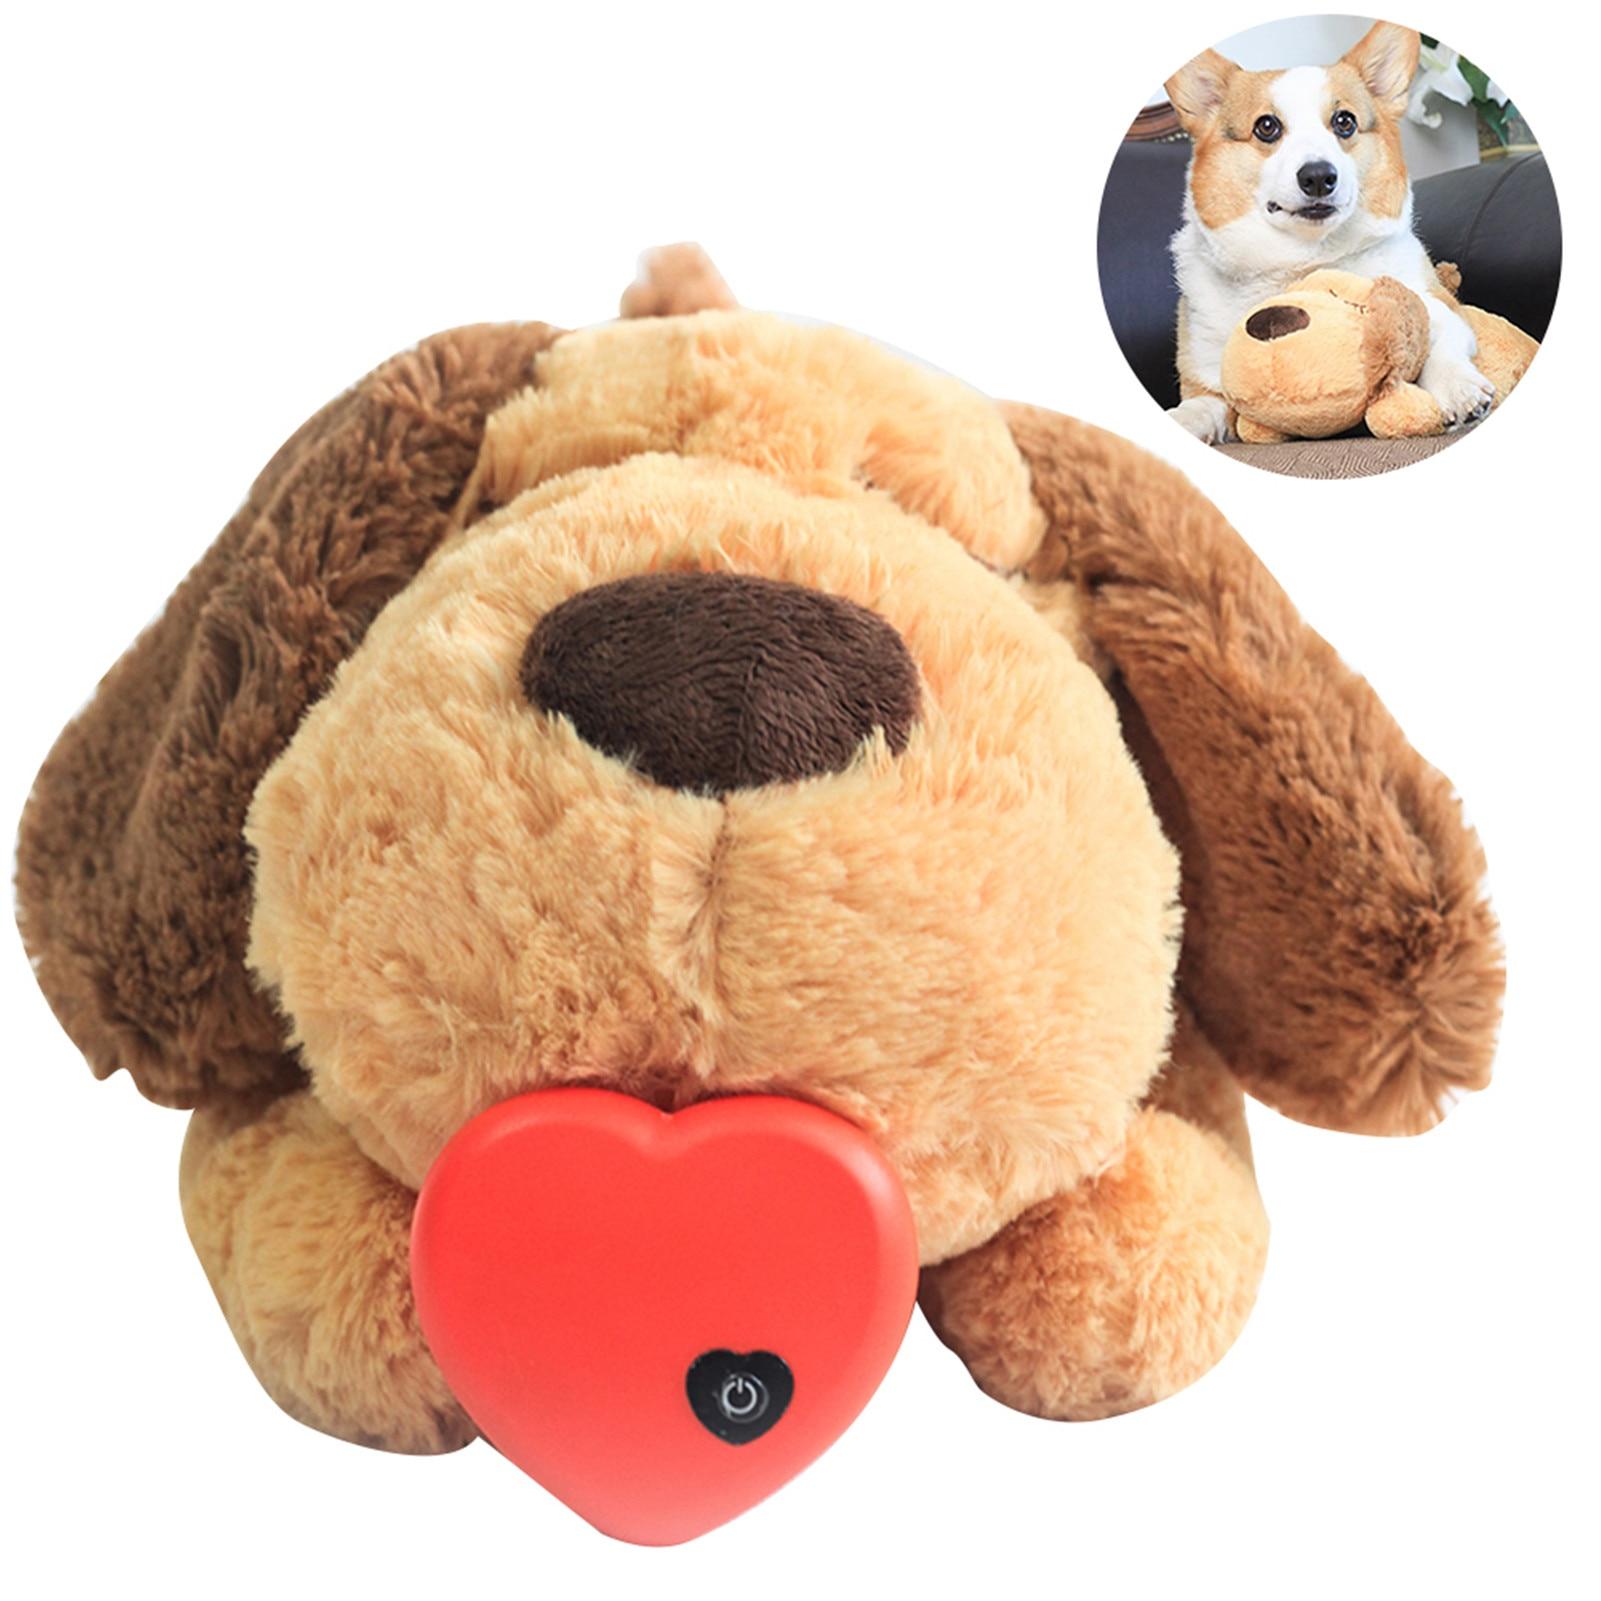 Плюшевая игрушка для тренировки сердцебиения, щенок, поведенческая тренировочная плюшевая игрушка для домашнего питомца, устранение беспо...